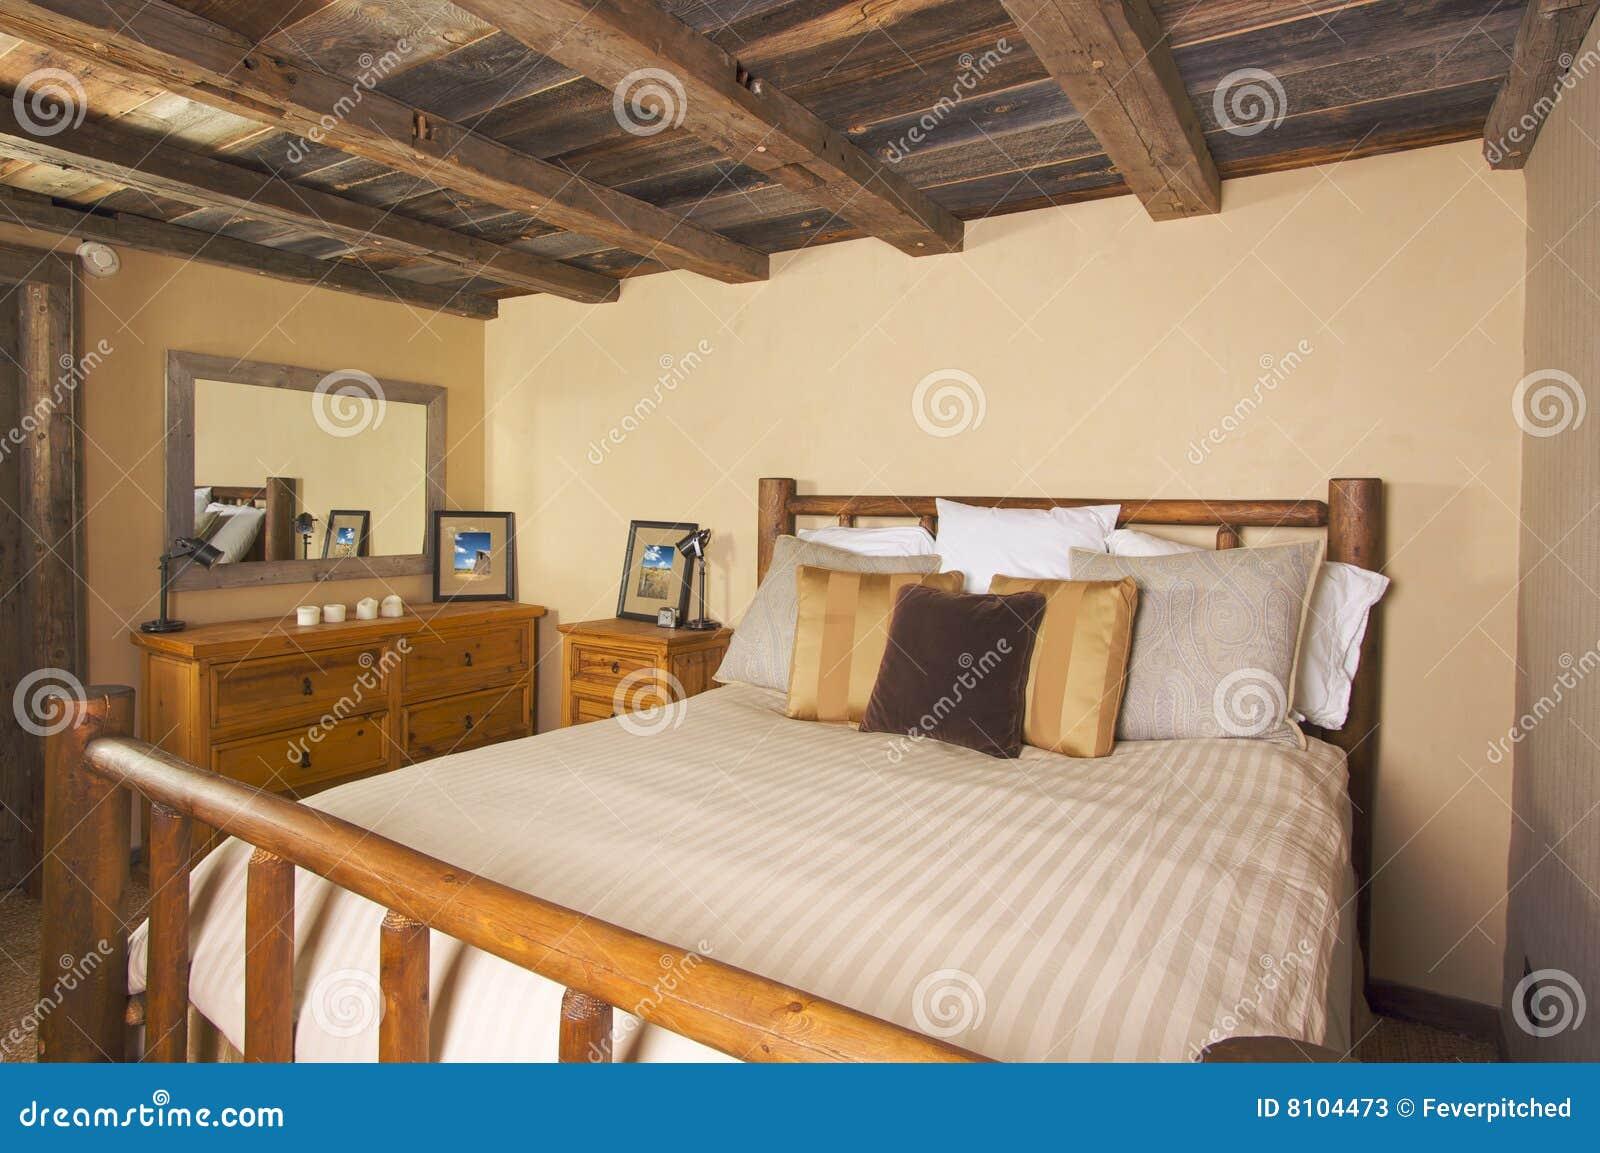 Quarto r stico luxuoso da cabine de registro imagem de stock imagem de madeira f rias 8104473 - Camera da letto rustica moderna ...